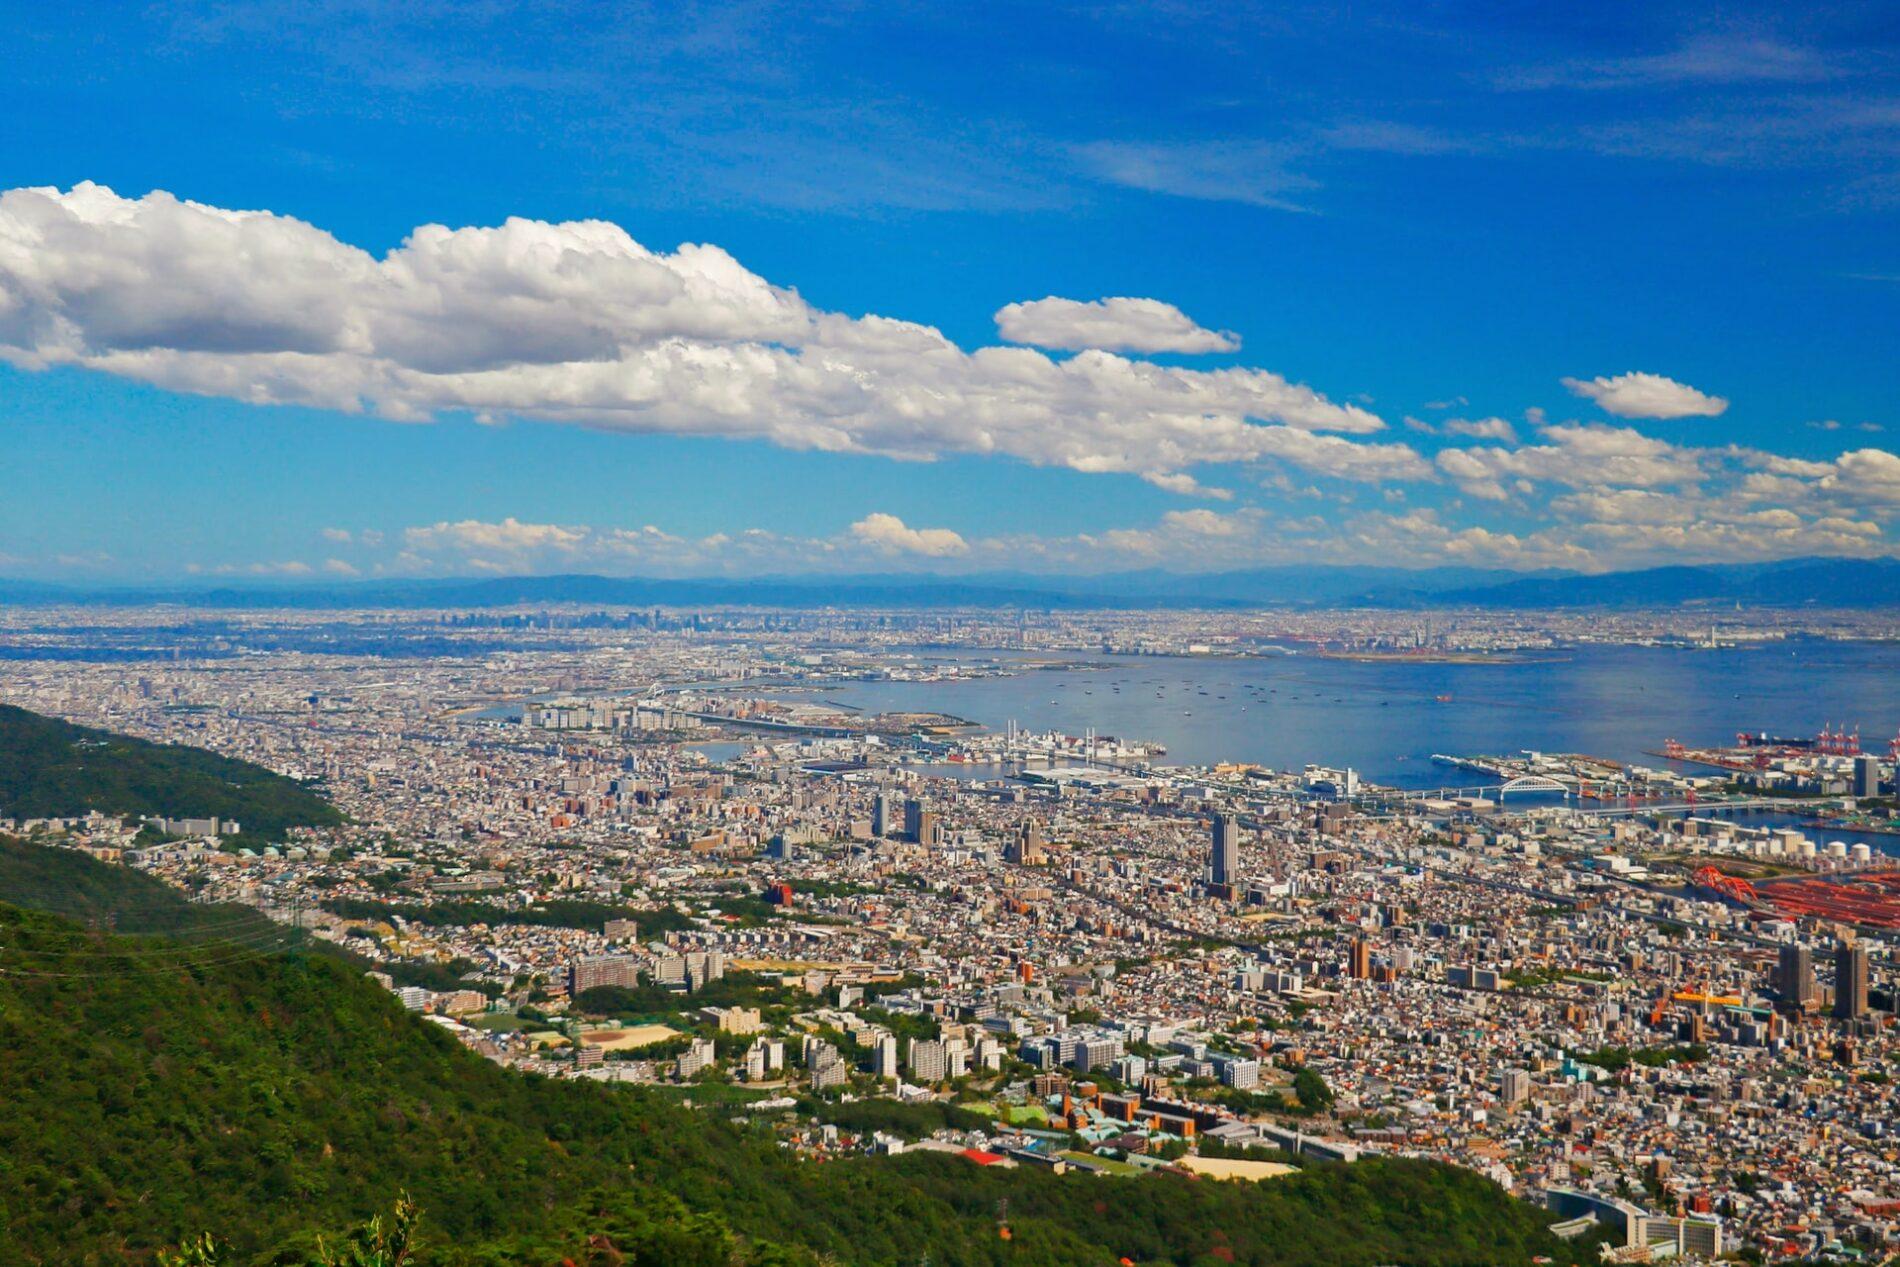 Traumhaftes Panorama über Stadt und Meer von Kobes Hausberg, dem Rokkō, aus. (Foto: Sugarman Joe, Unsplash https://unsplash.com/photos/i2hZtvsvpjQ)